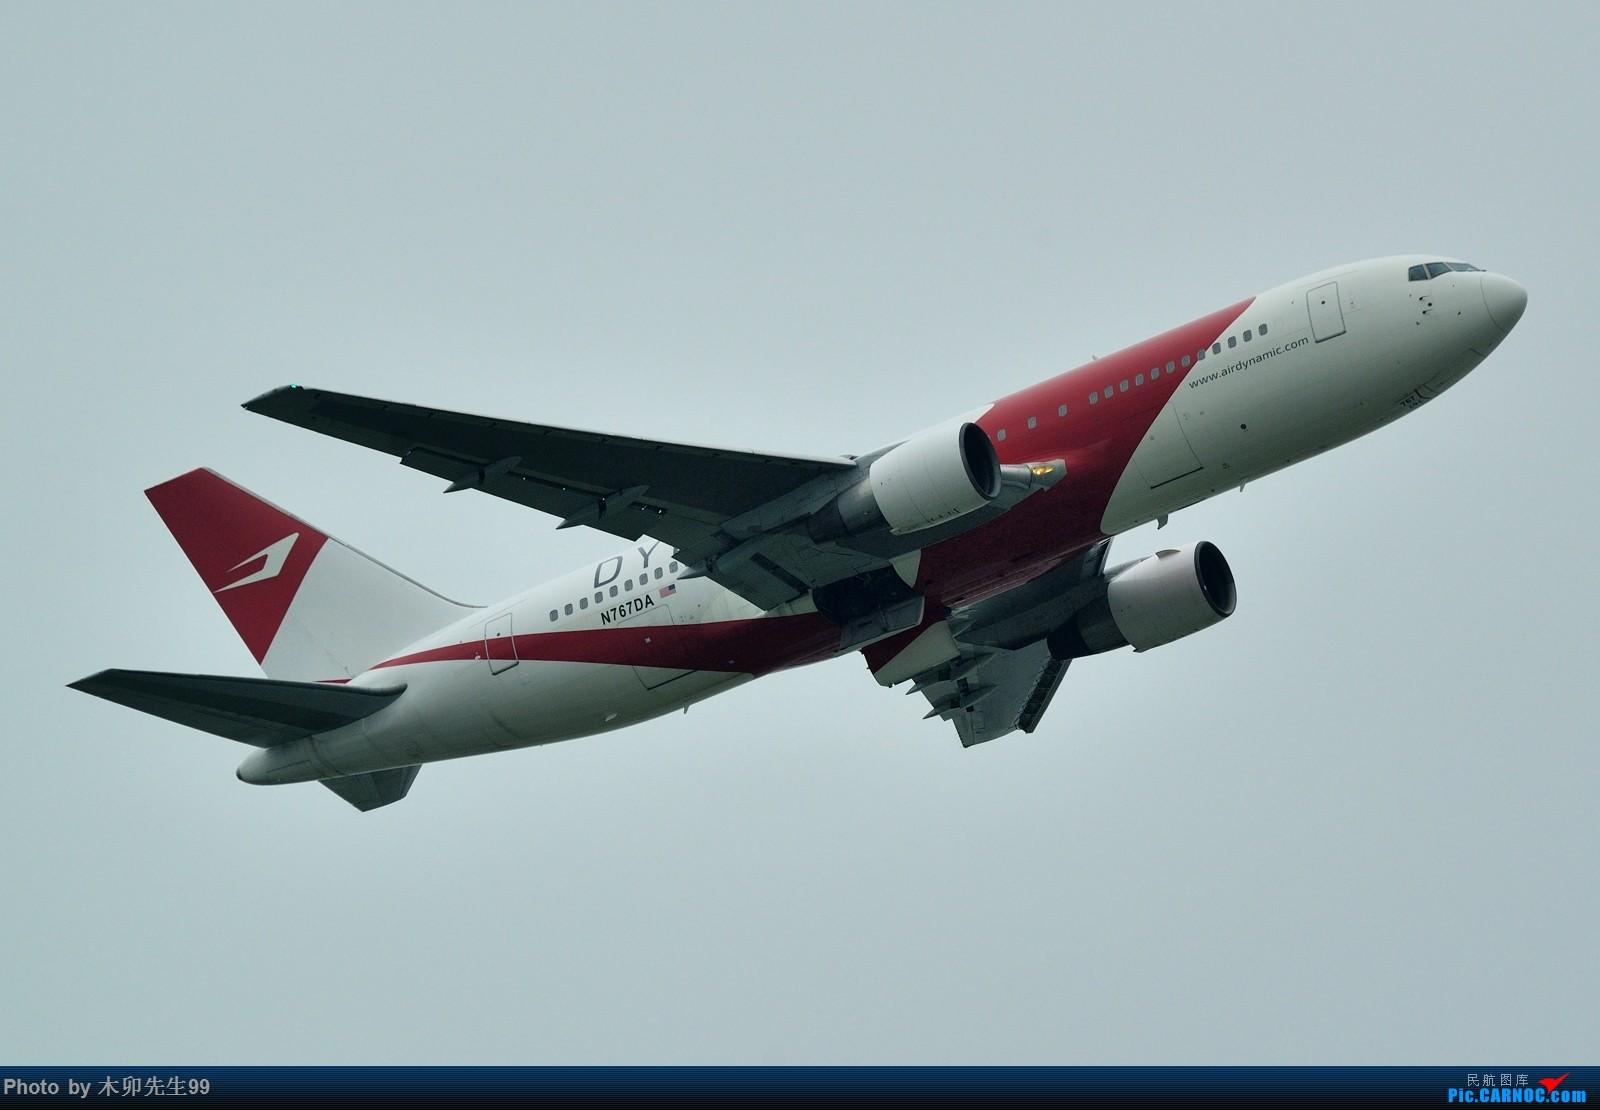 [原创]【木卯先生99】—香港拍机第一次拍到—001【动力航空新涂装】 BOEING 767-200 N767DA HKG